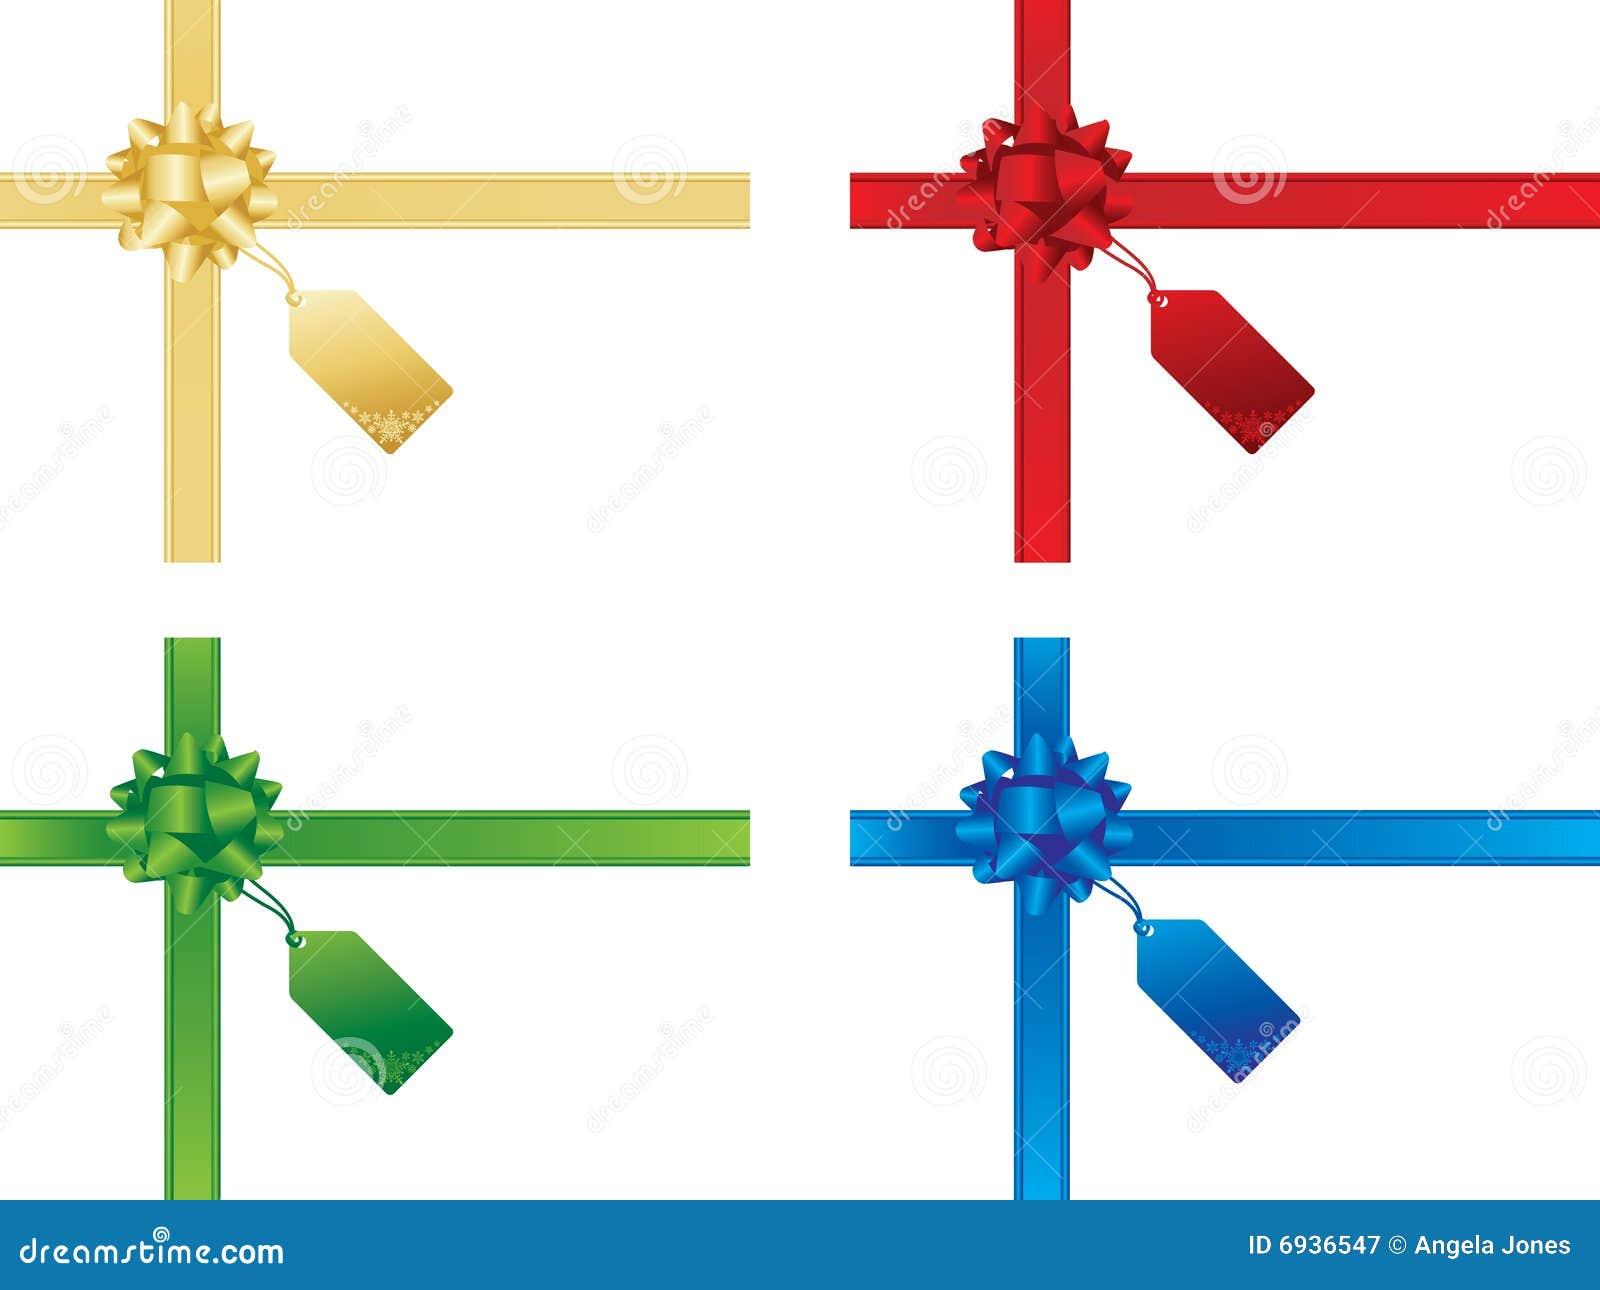 Weihnachtsbögen Und Geschenkkarten Vektor Abbildung - Illustration ...